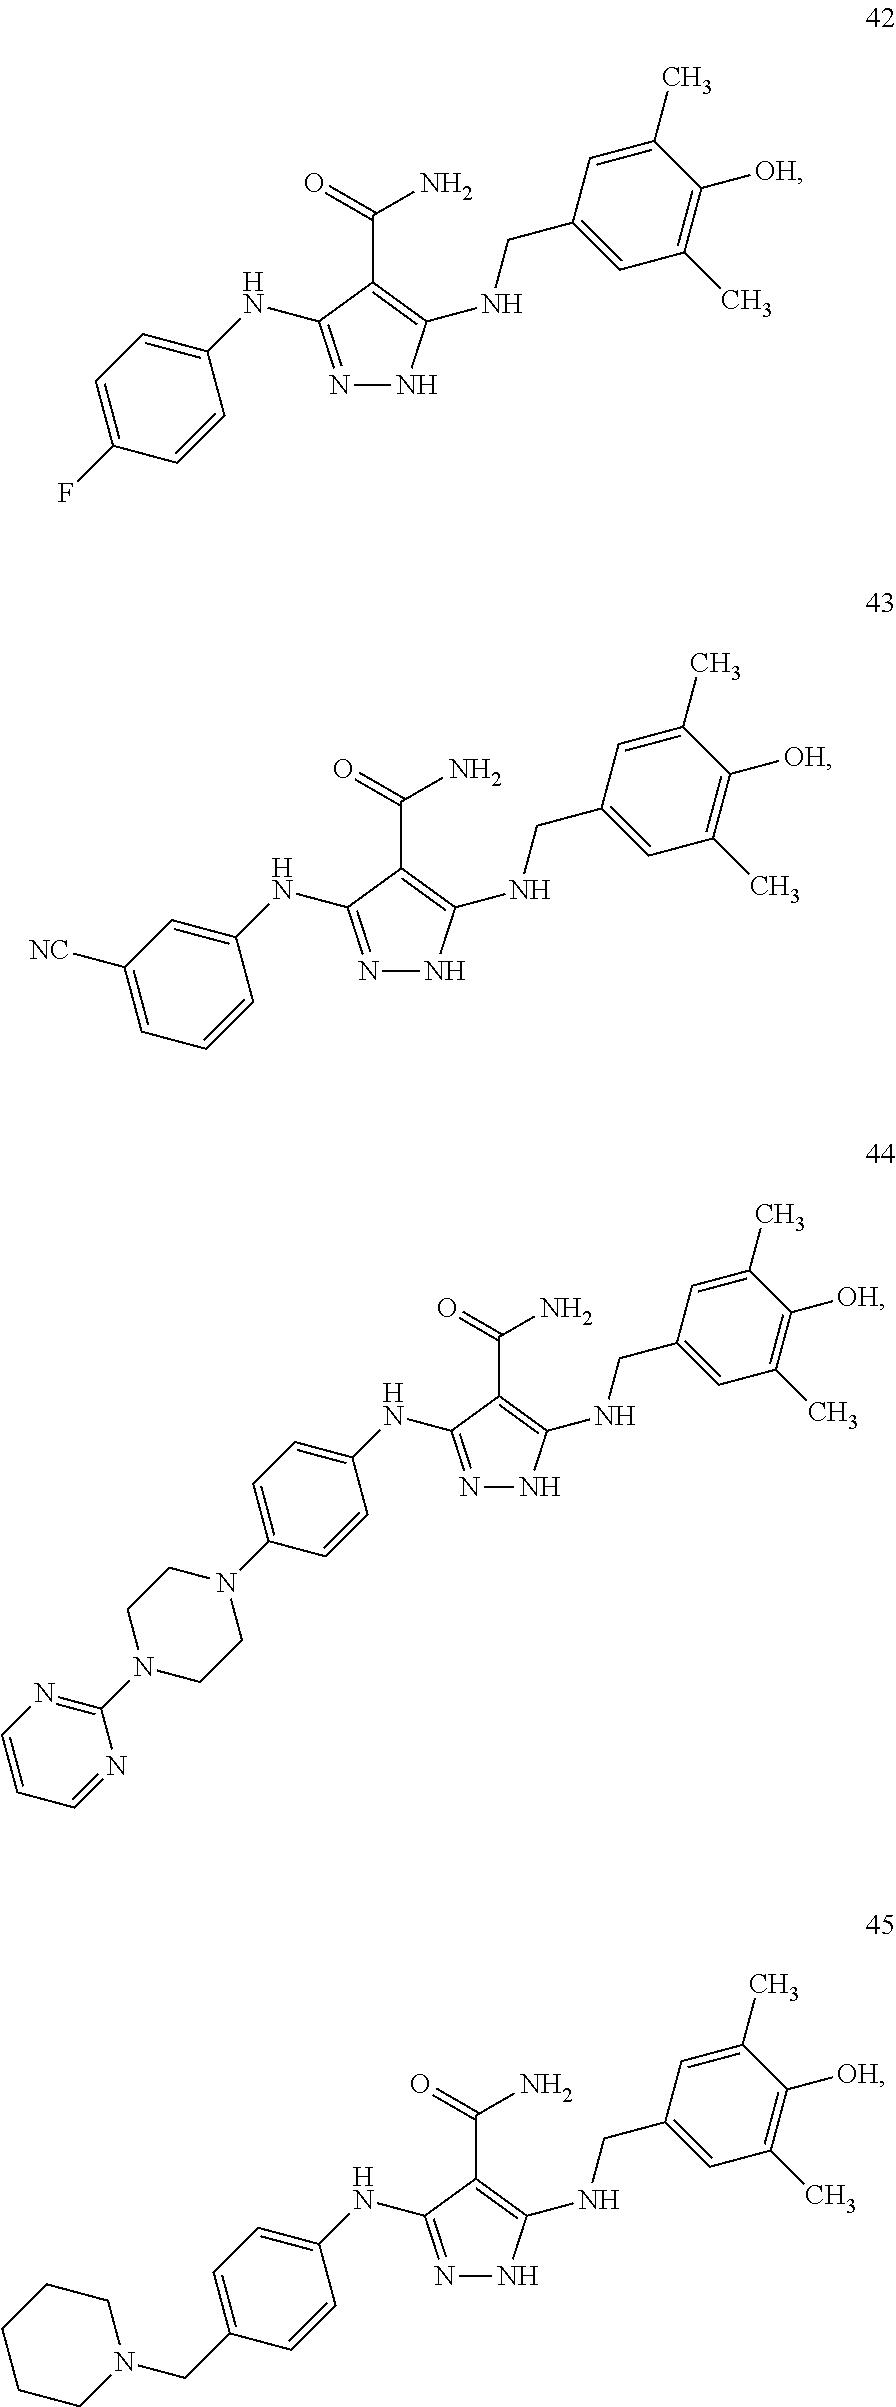 Figure US09730914-20170815-C00025